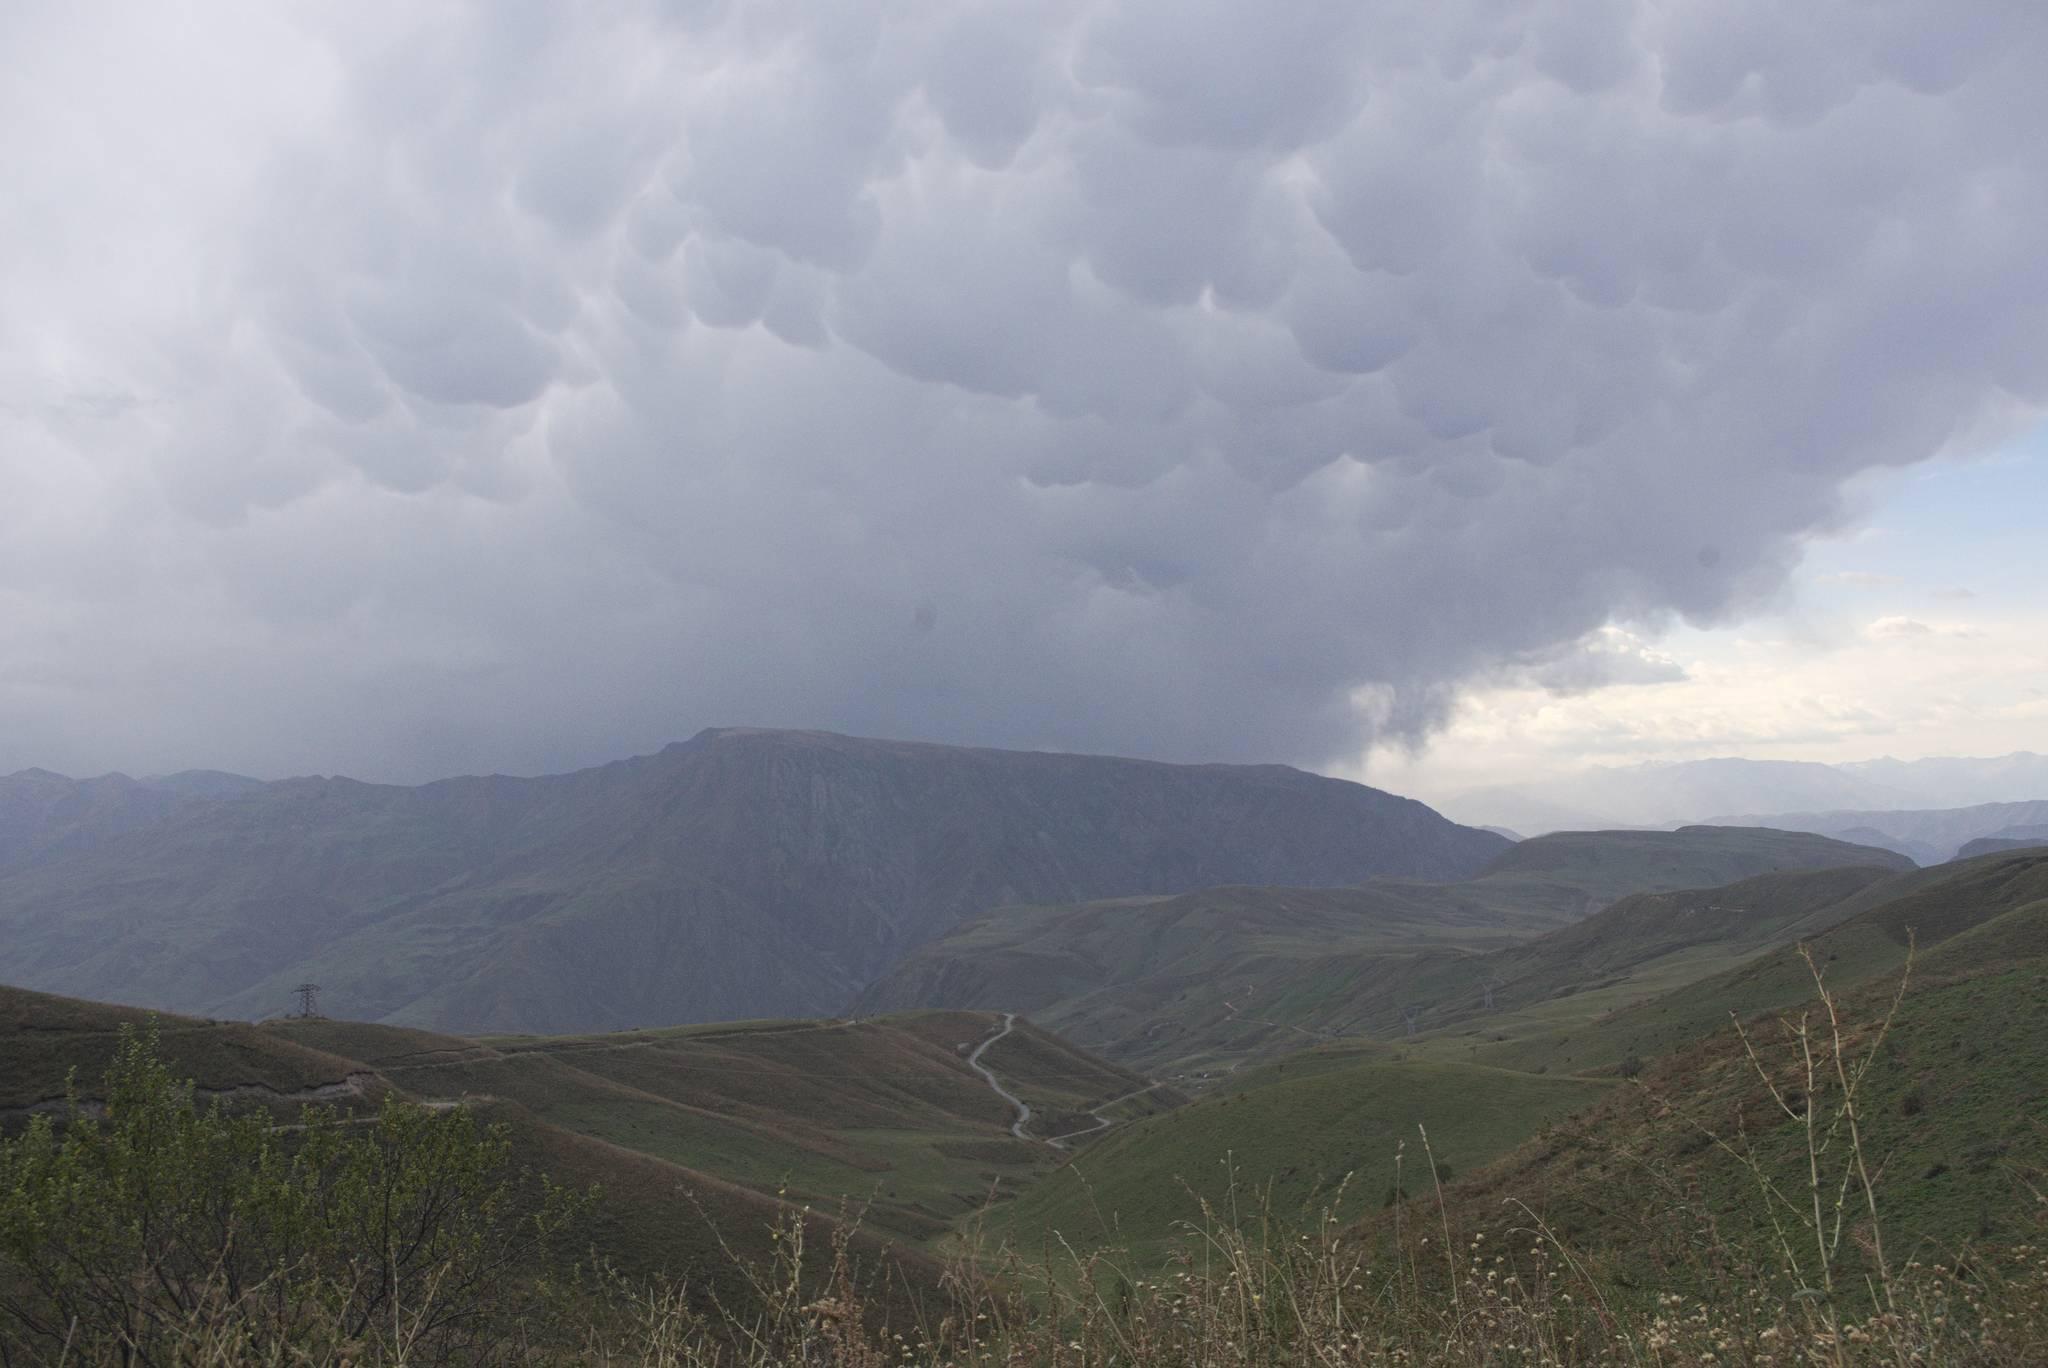 Chmura po burzy